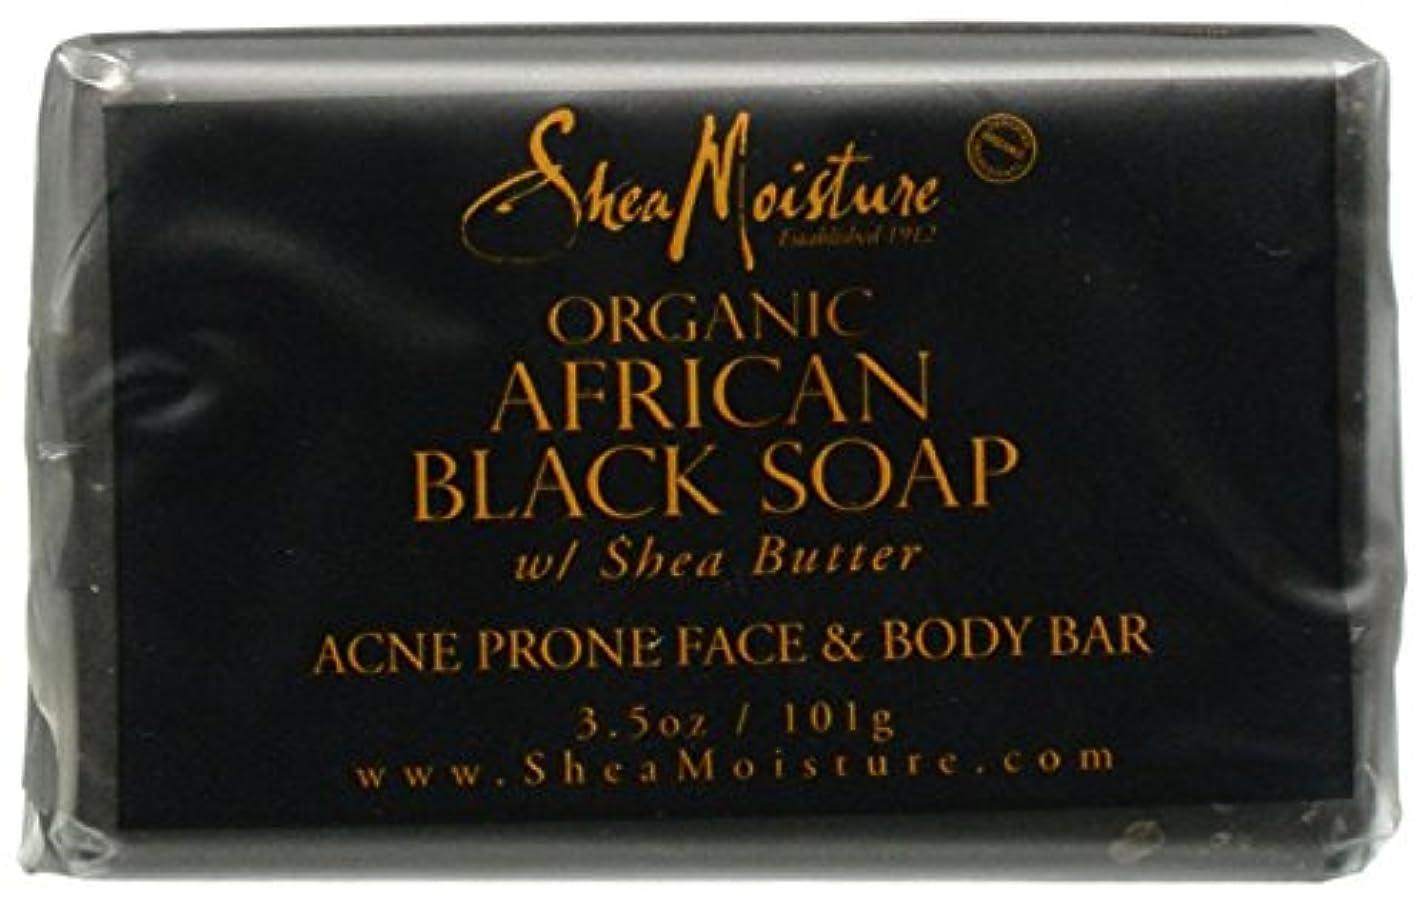 大通りスマッシュ癒すShea Moisture バーソープ (Organic African Black Soap Acne Prone Face & Body)